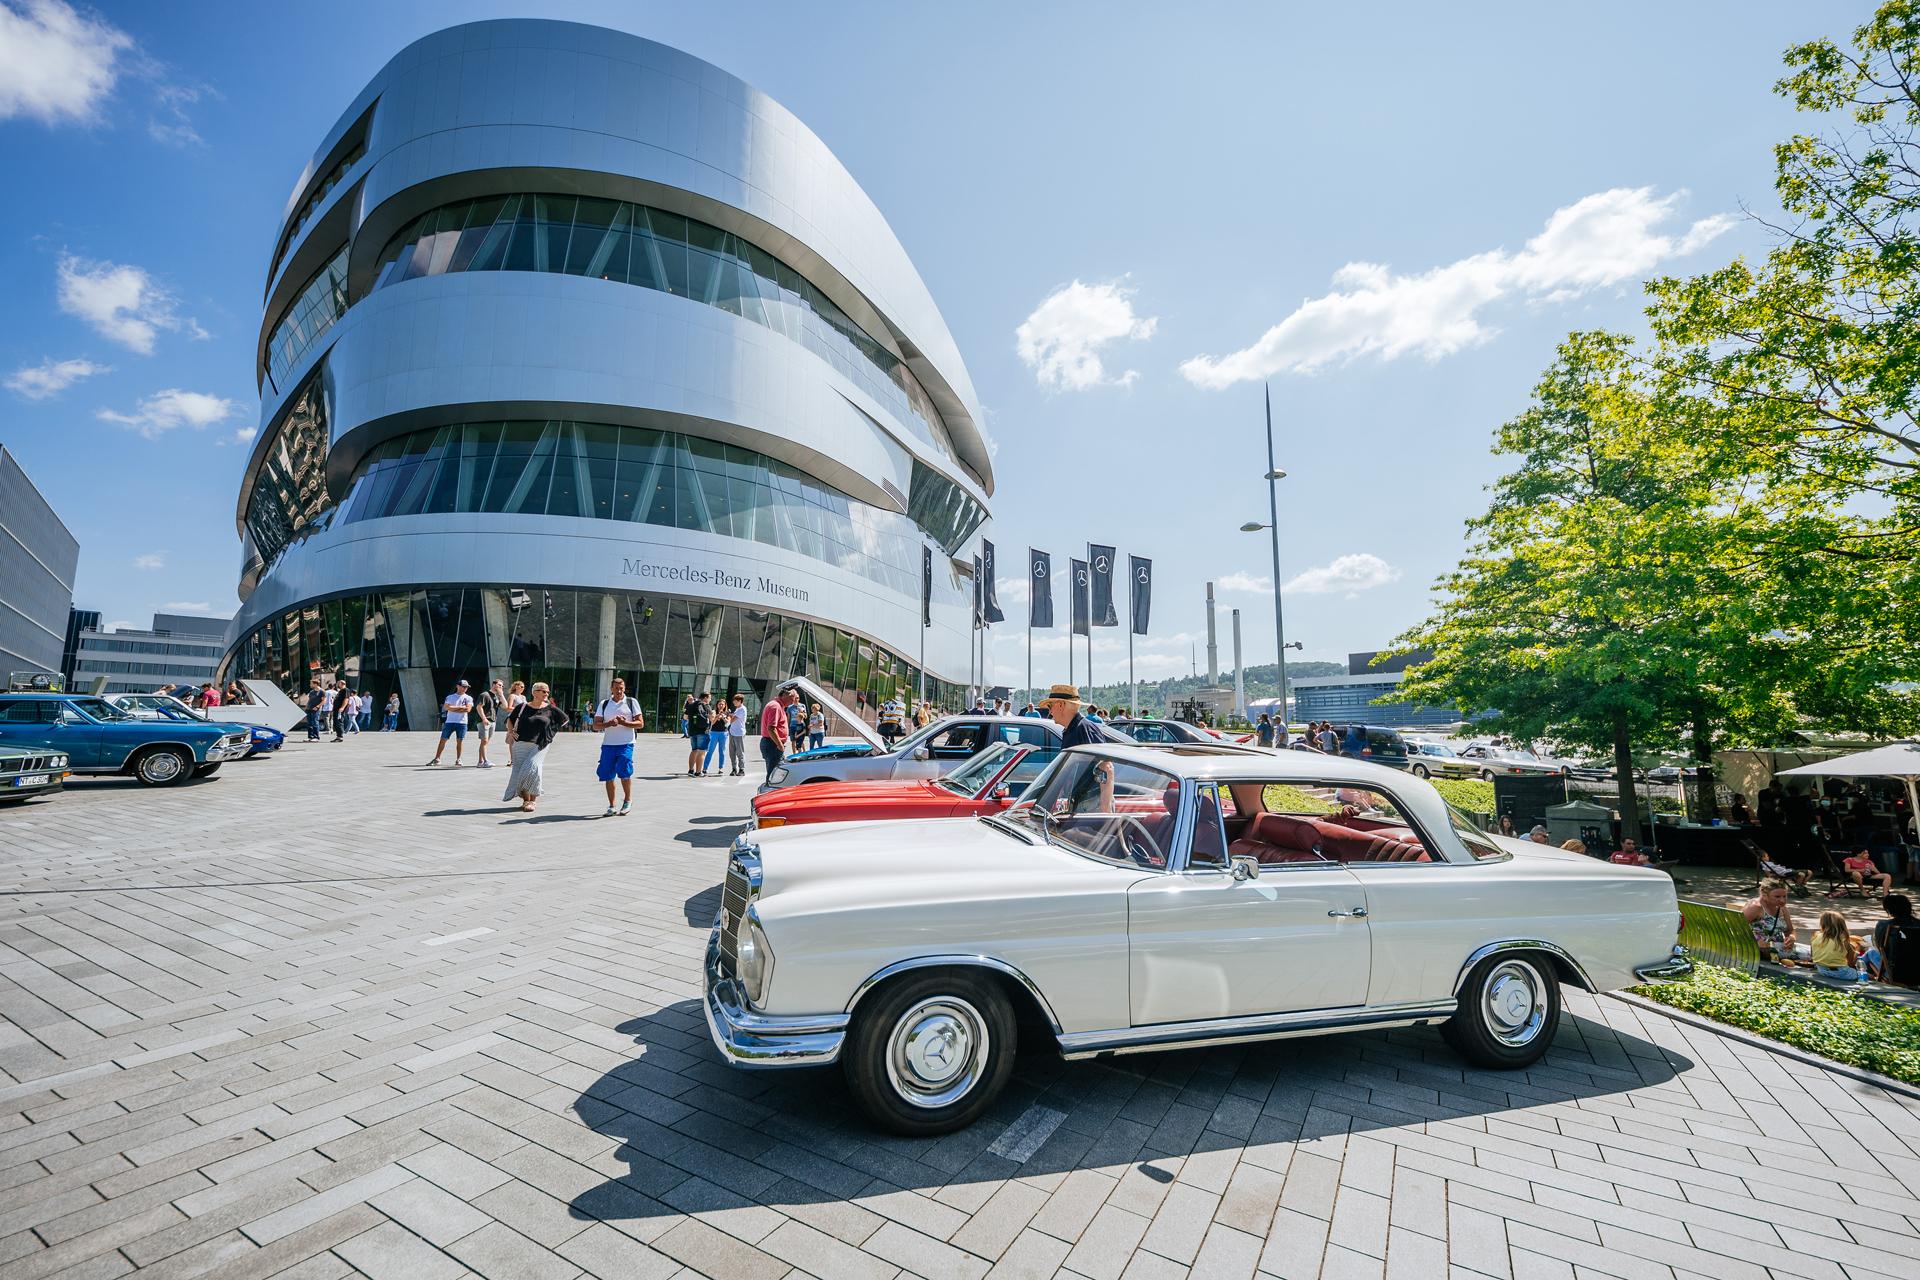 """""""Stadtkultur am Mercedes-Benz Museum"""", markenoffenes Klassikertreffen """"Classics & Coffee"""" am 18. Juli 2021 vor dem Mercedes-Benz Museum."""